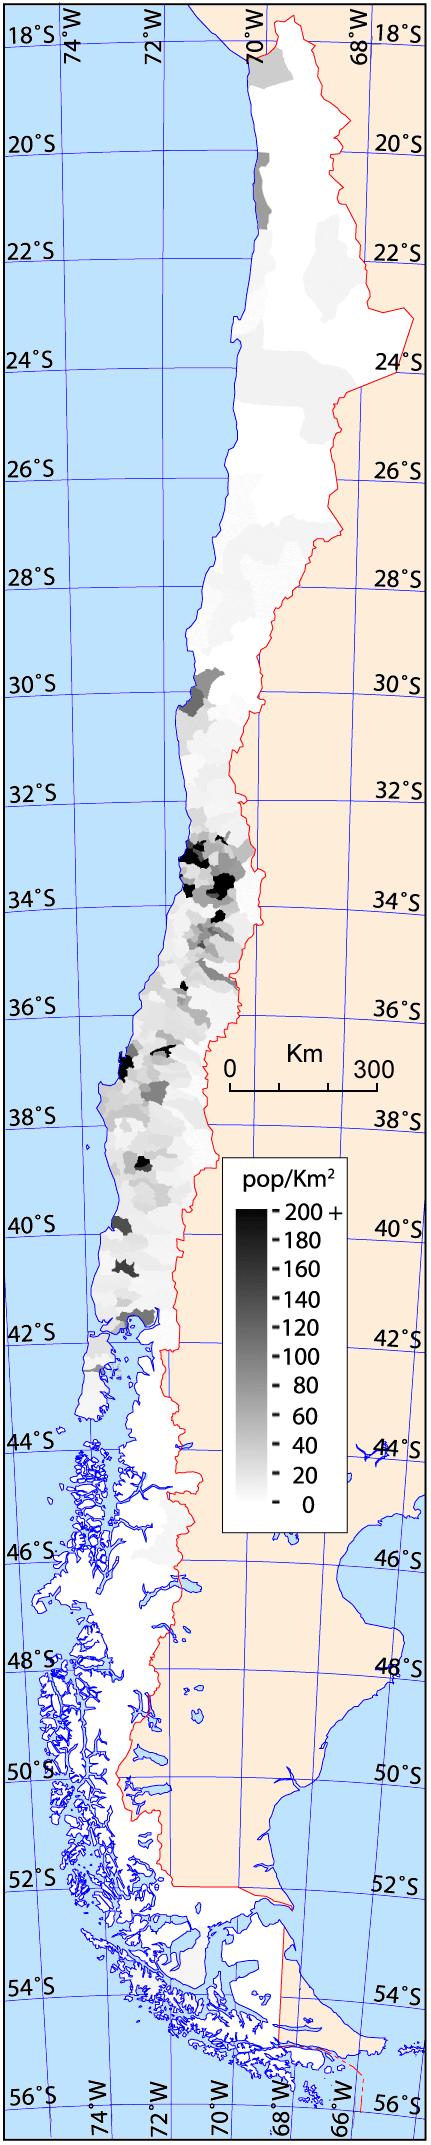 un mapa de densidad de población